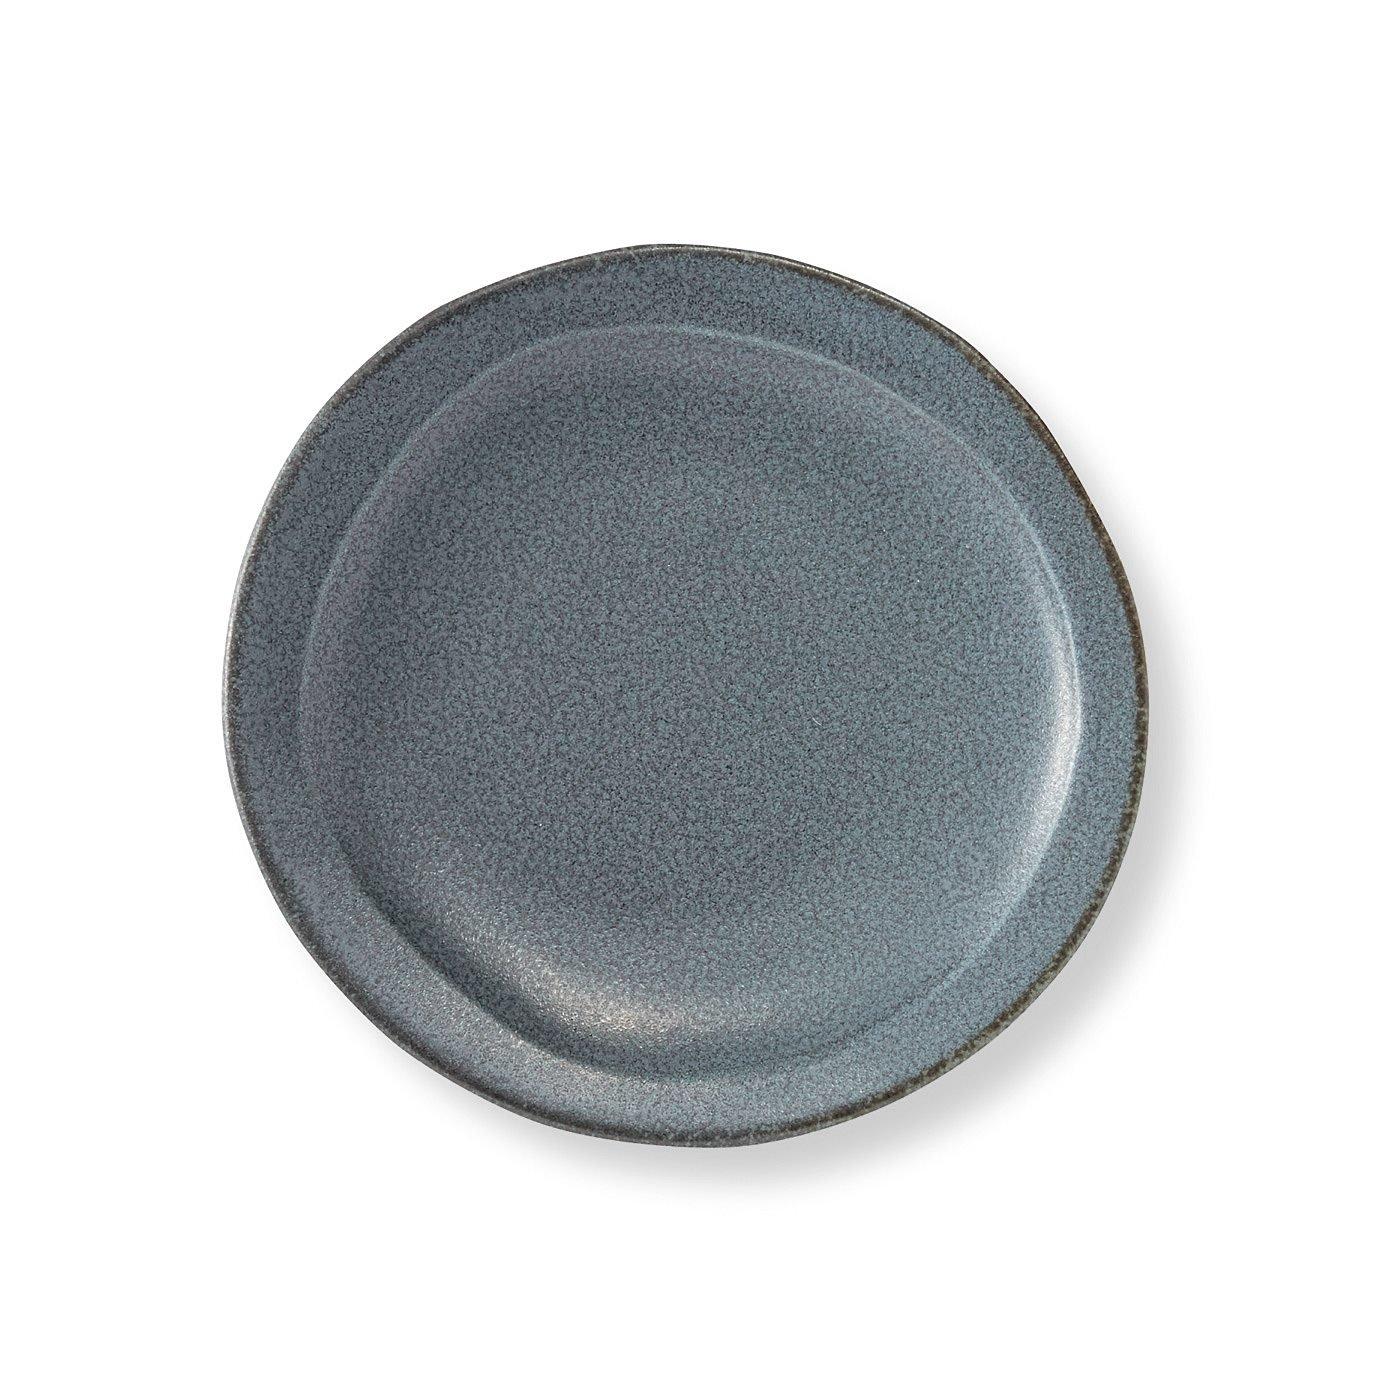 食卓に粋な彩り いつもの料理がクラスアップする取り皿の会